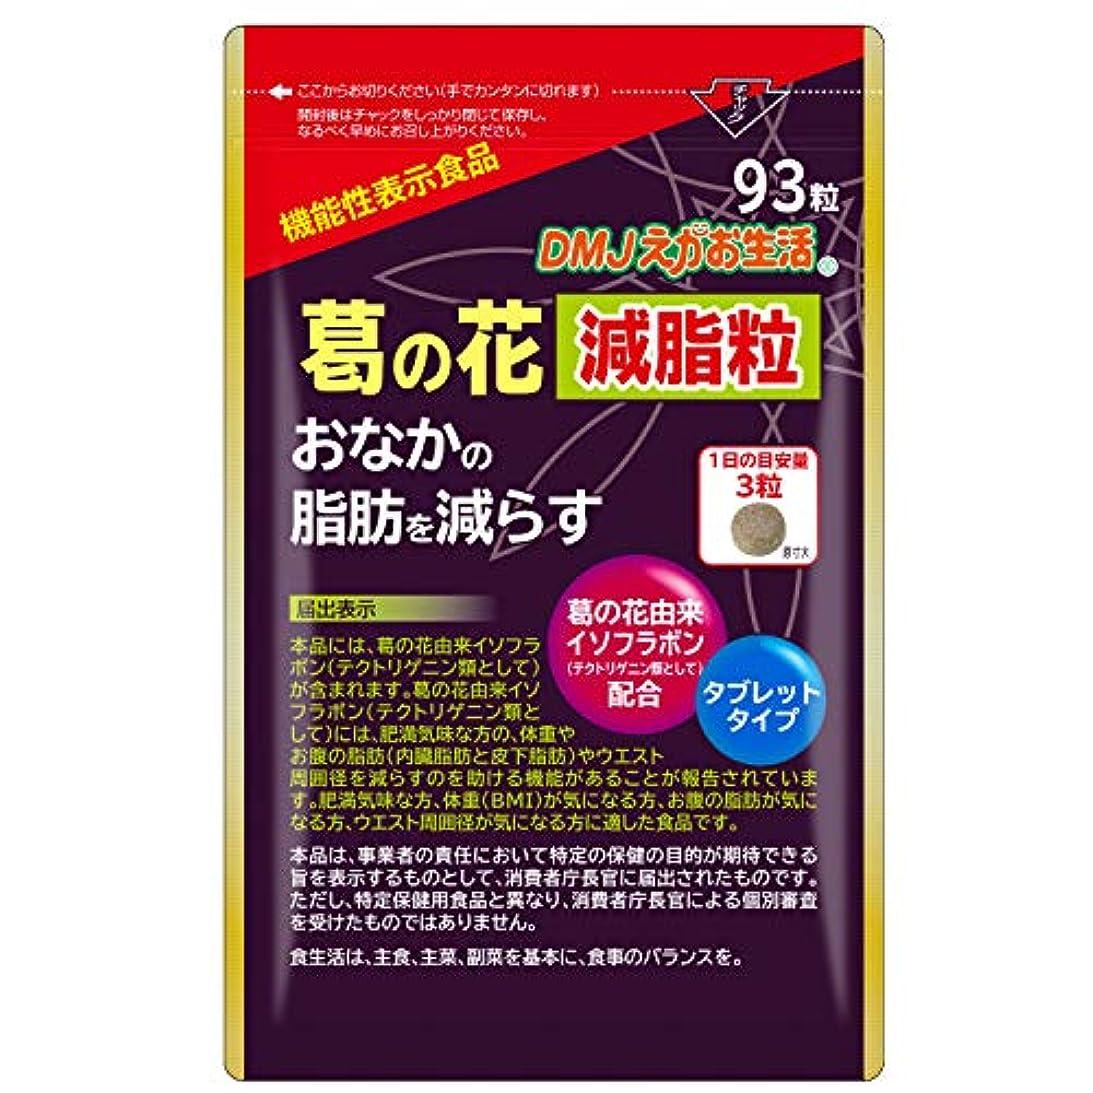 服を洗う温度骨折葛の花減脂粒 [体重ケア サプリメント/DMJえがお生活] 葛の花イソフラボン含有 内臓脂肪 (機能性表示食品) 肥満 日本製 31日分